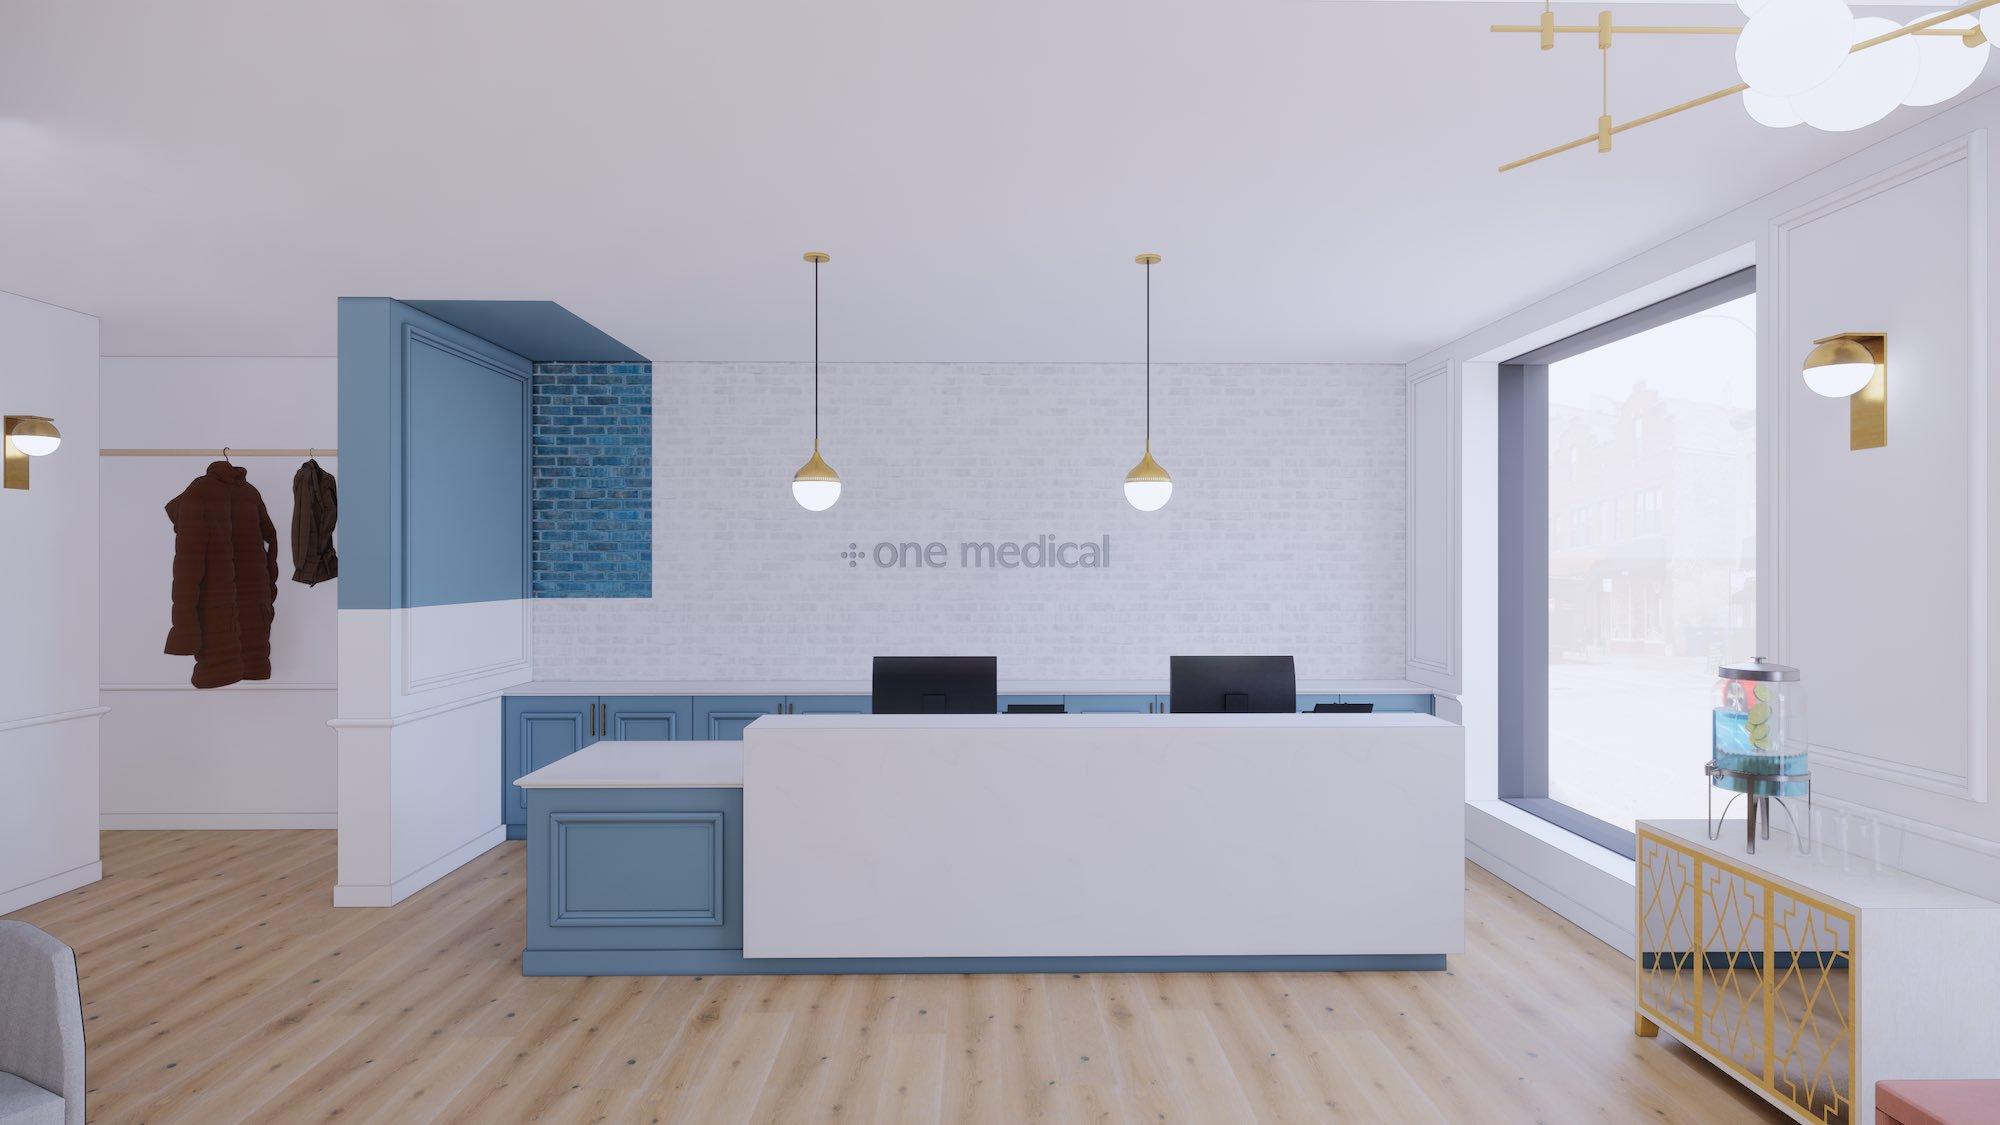 Chicago Wicker Park office render